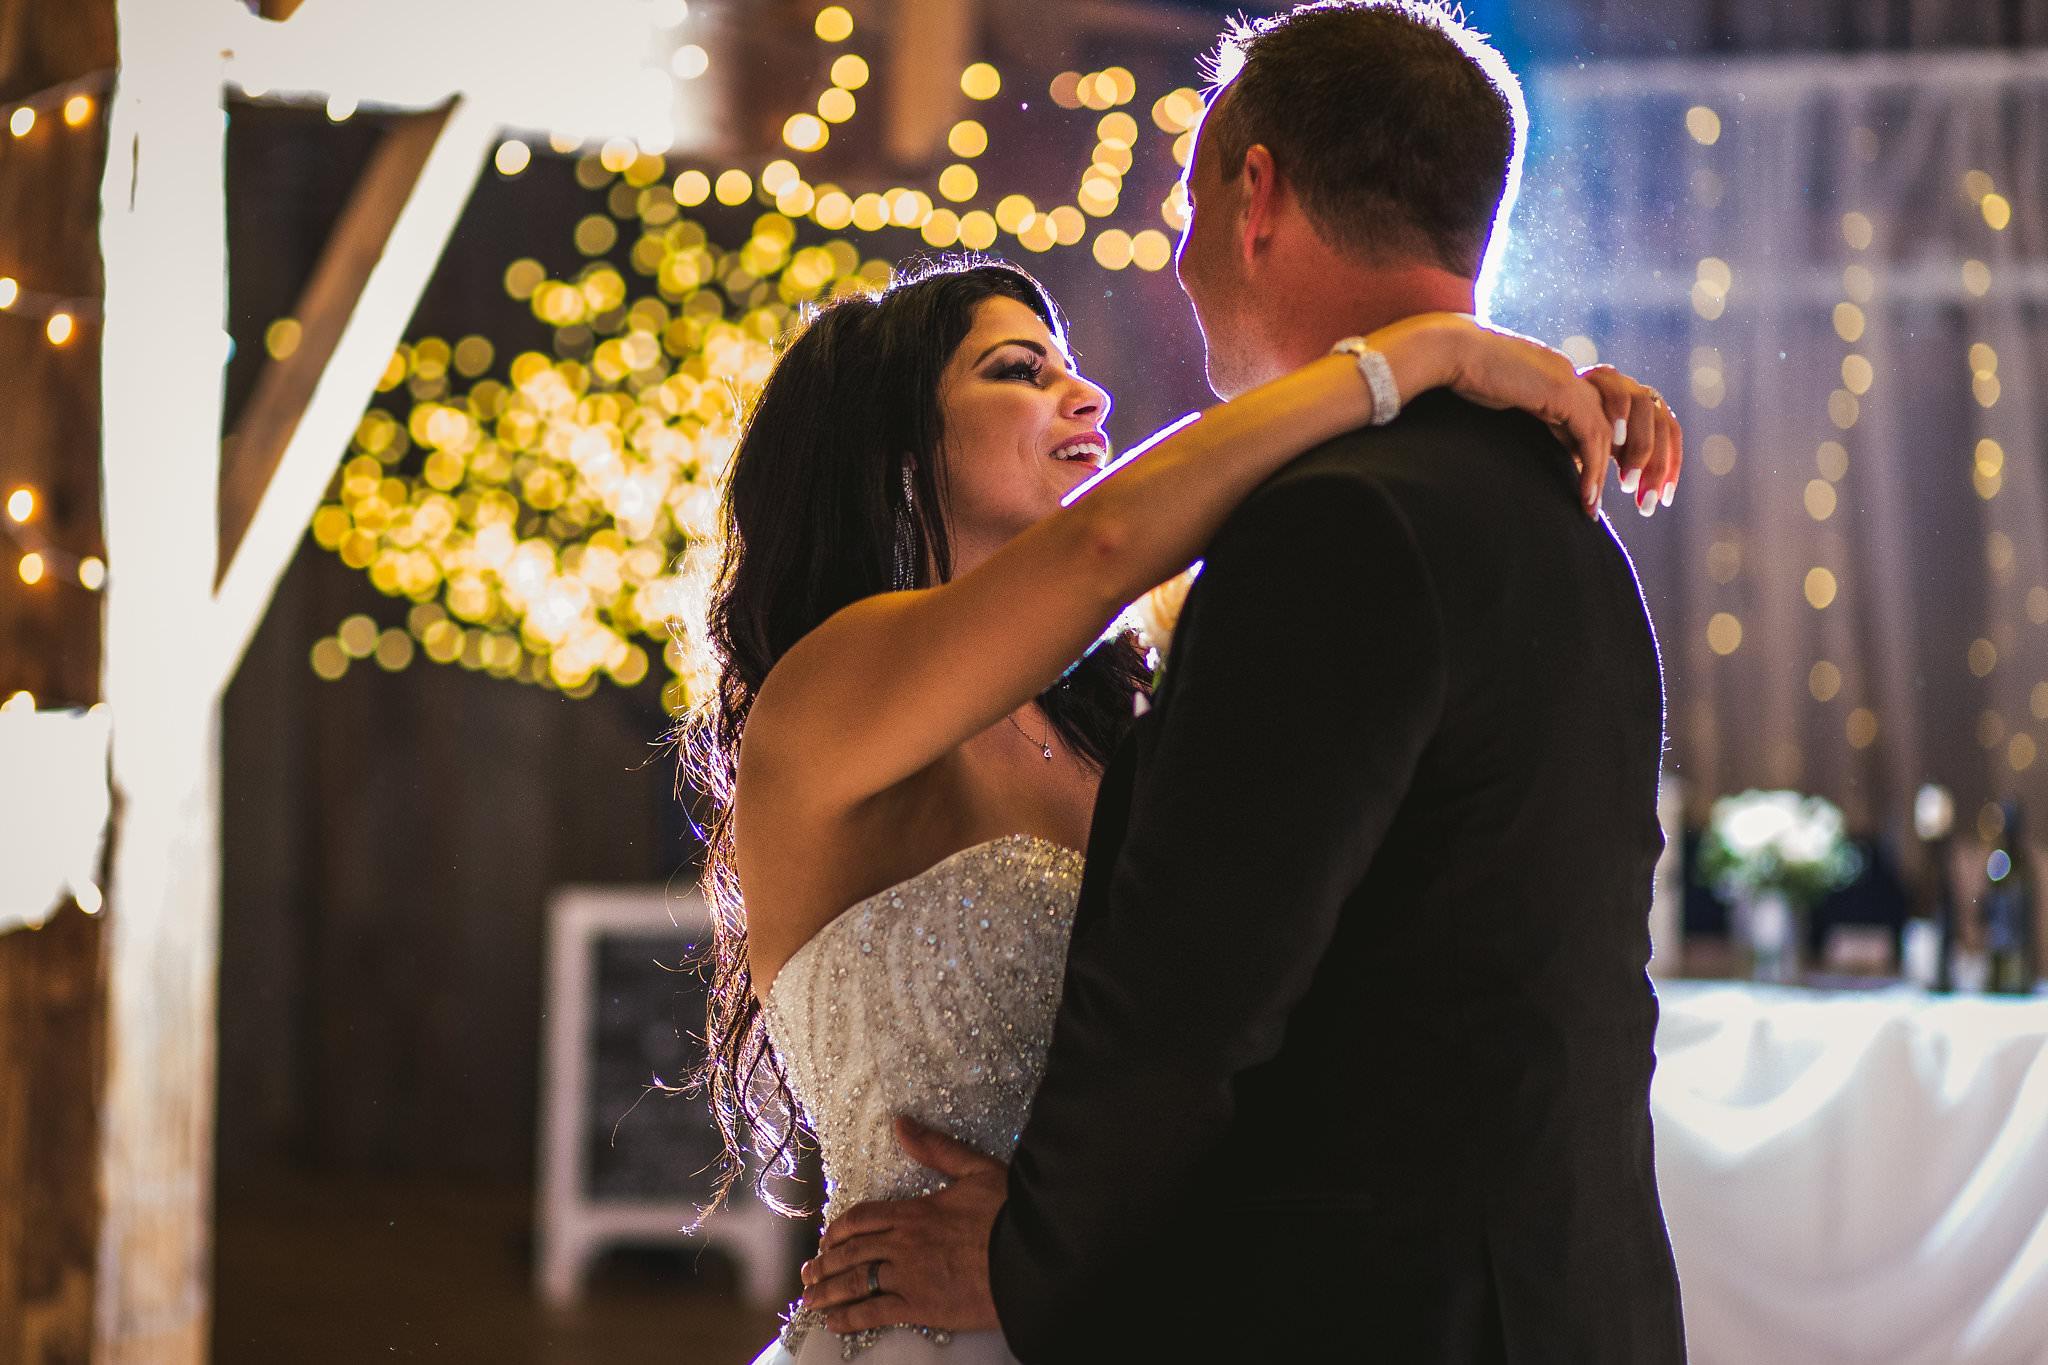 puslinch wedding venues